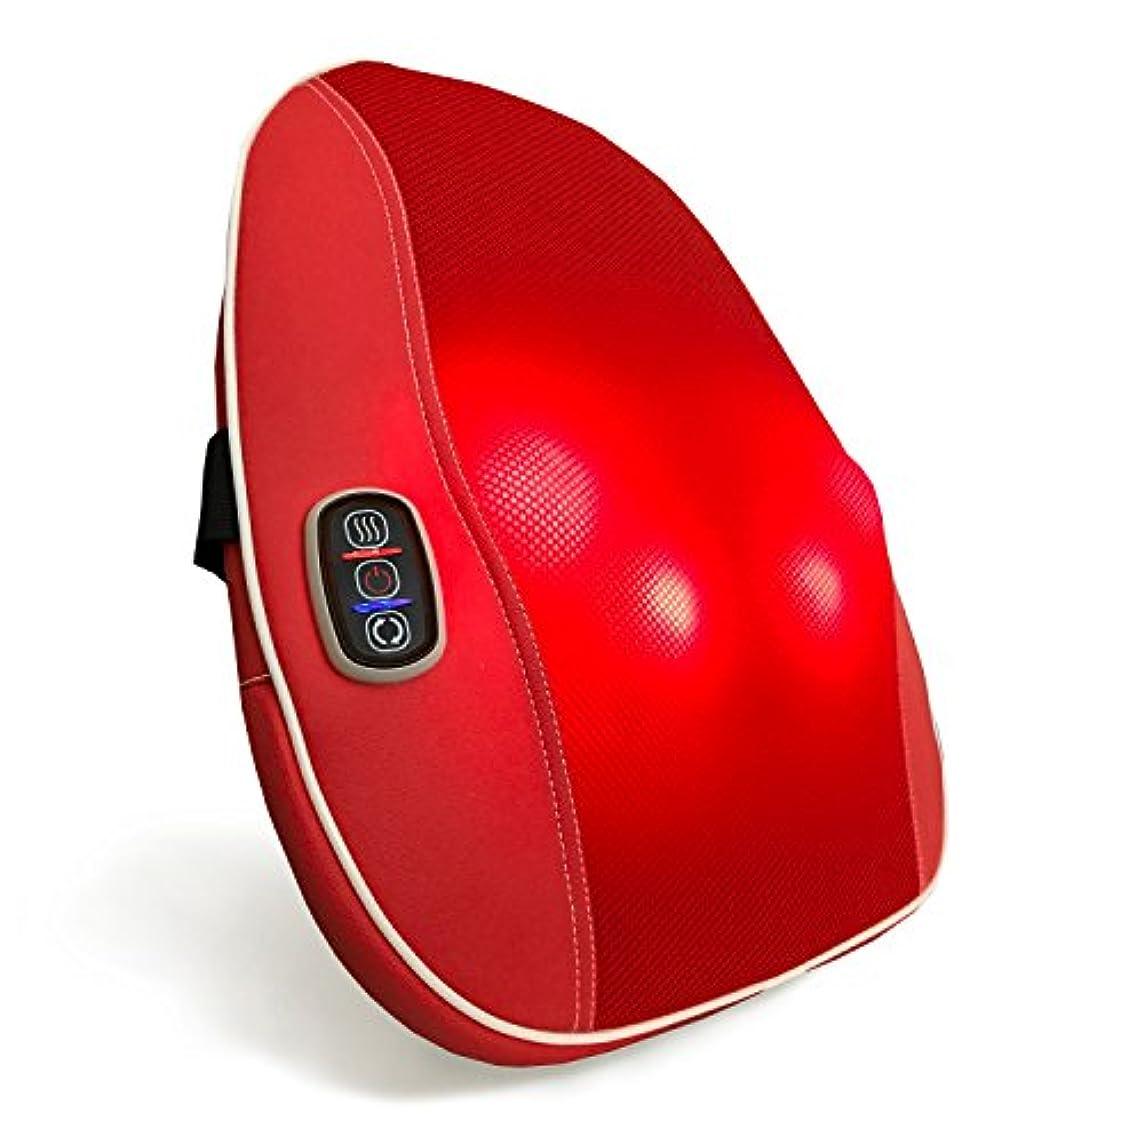 ストライド魅了する節約クロシオ スマートマッサージャー パプリカ レッド 幅40cm 厚み9cm もみ玉式マッサージ器 薄型 簡単操作 マッサージクッション